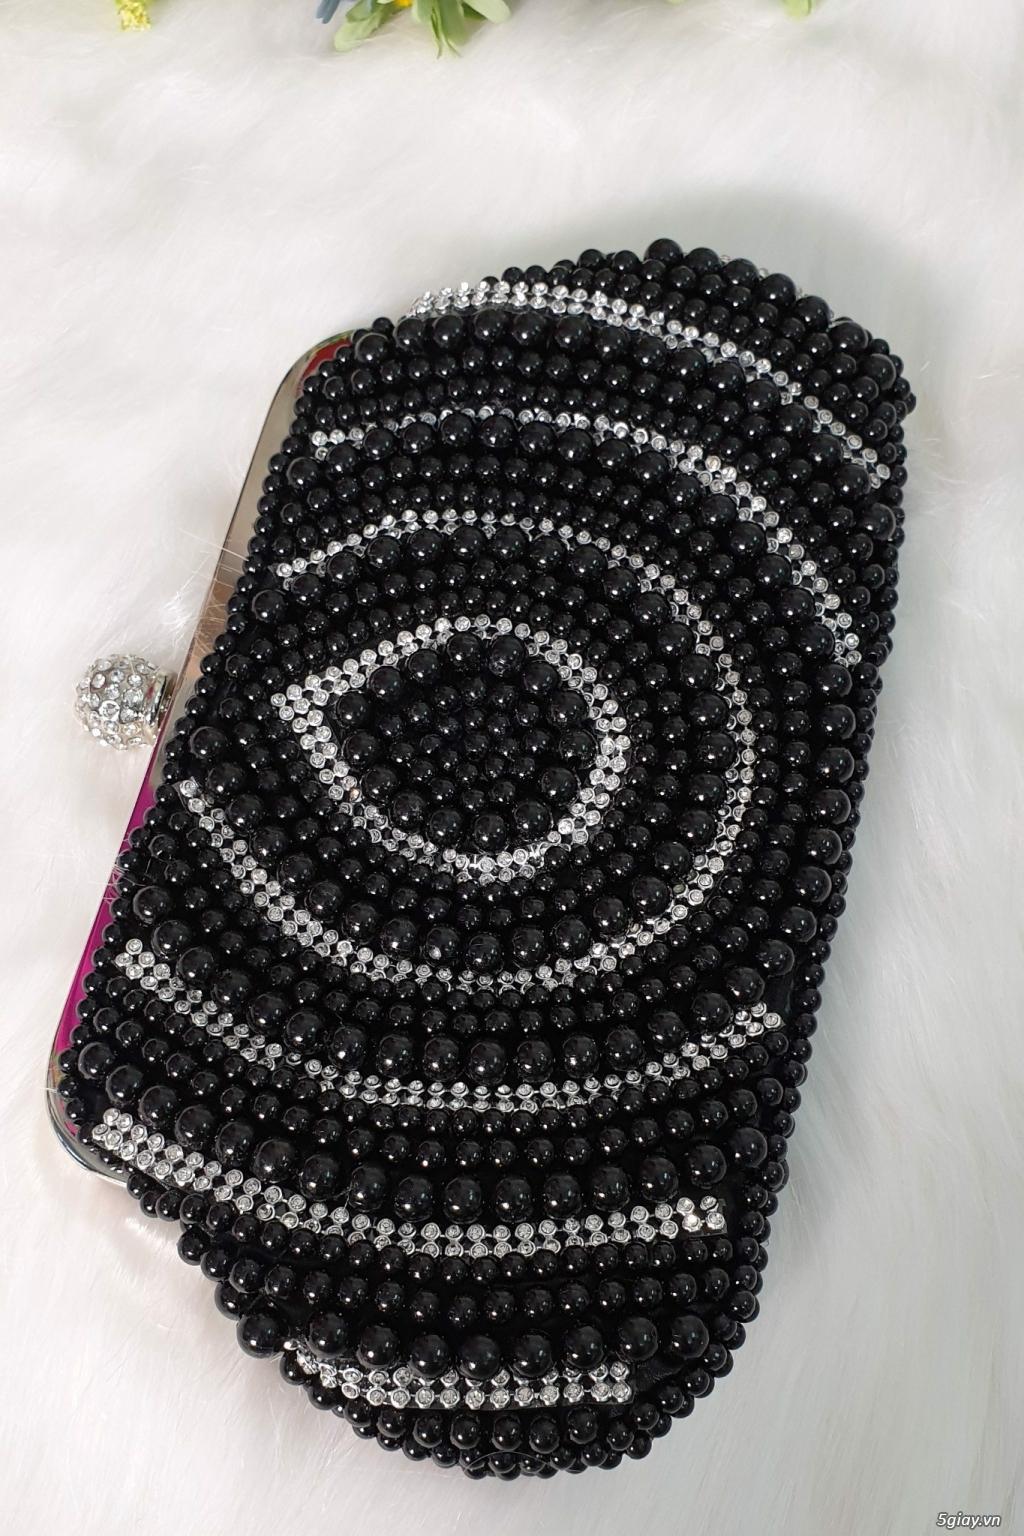 Wal House Fashion - Bóp ví túi xách thời trang - Giá ưu đãi - 31